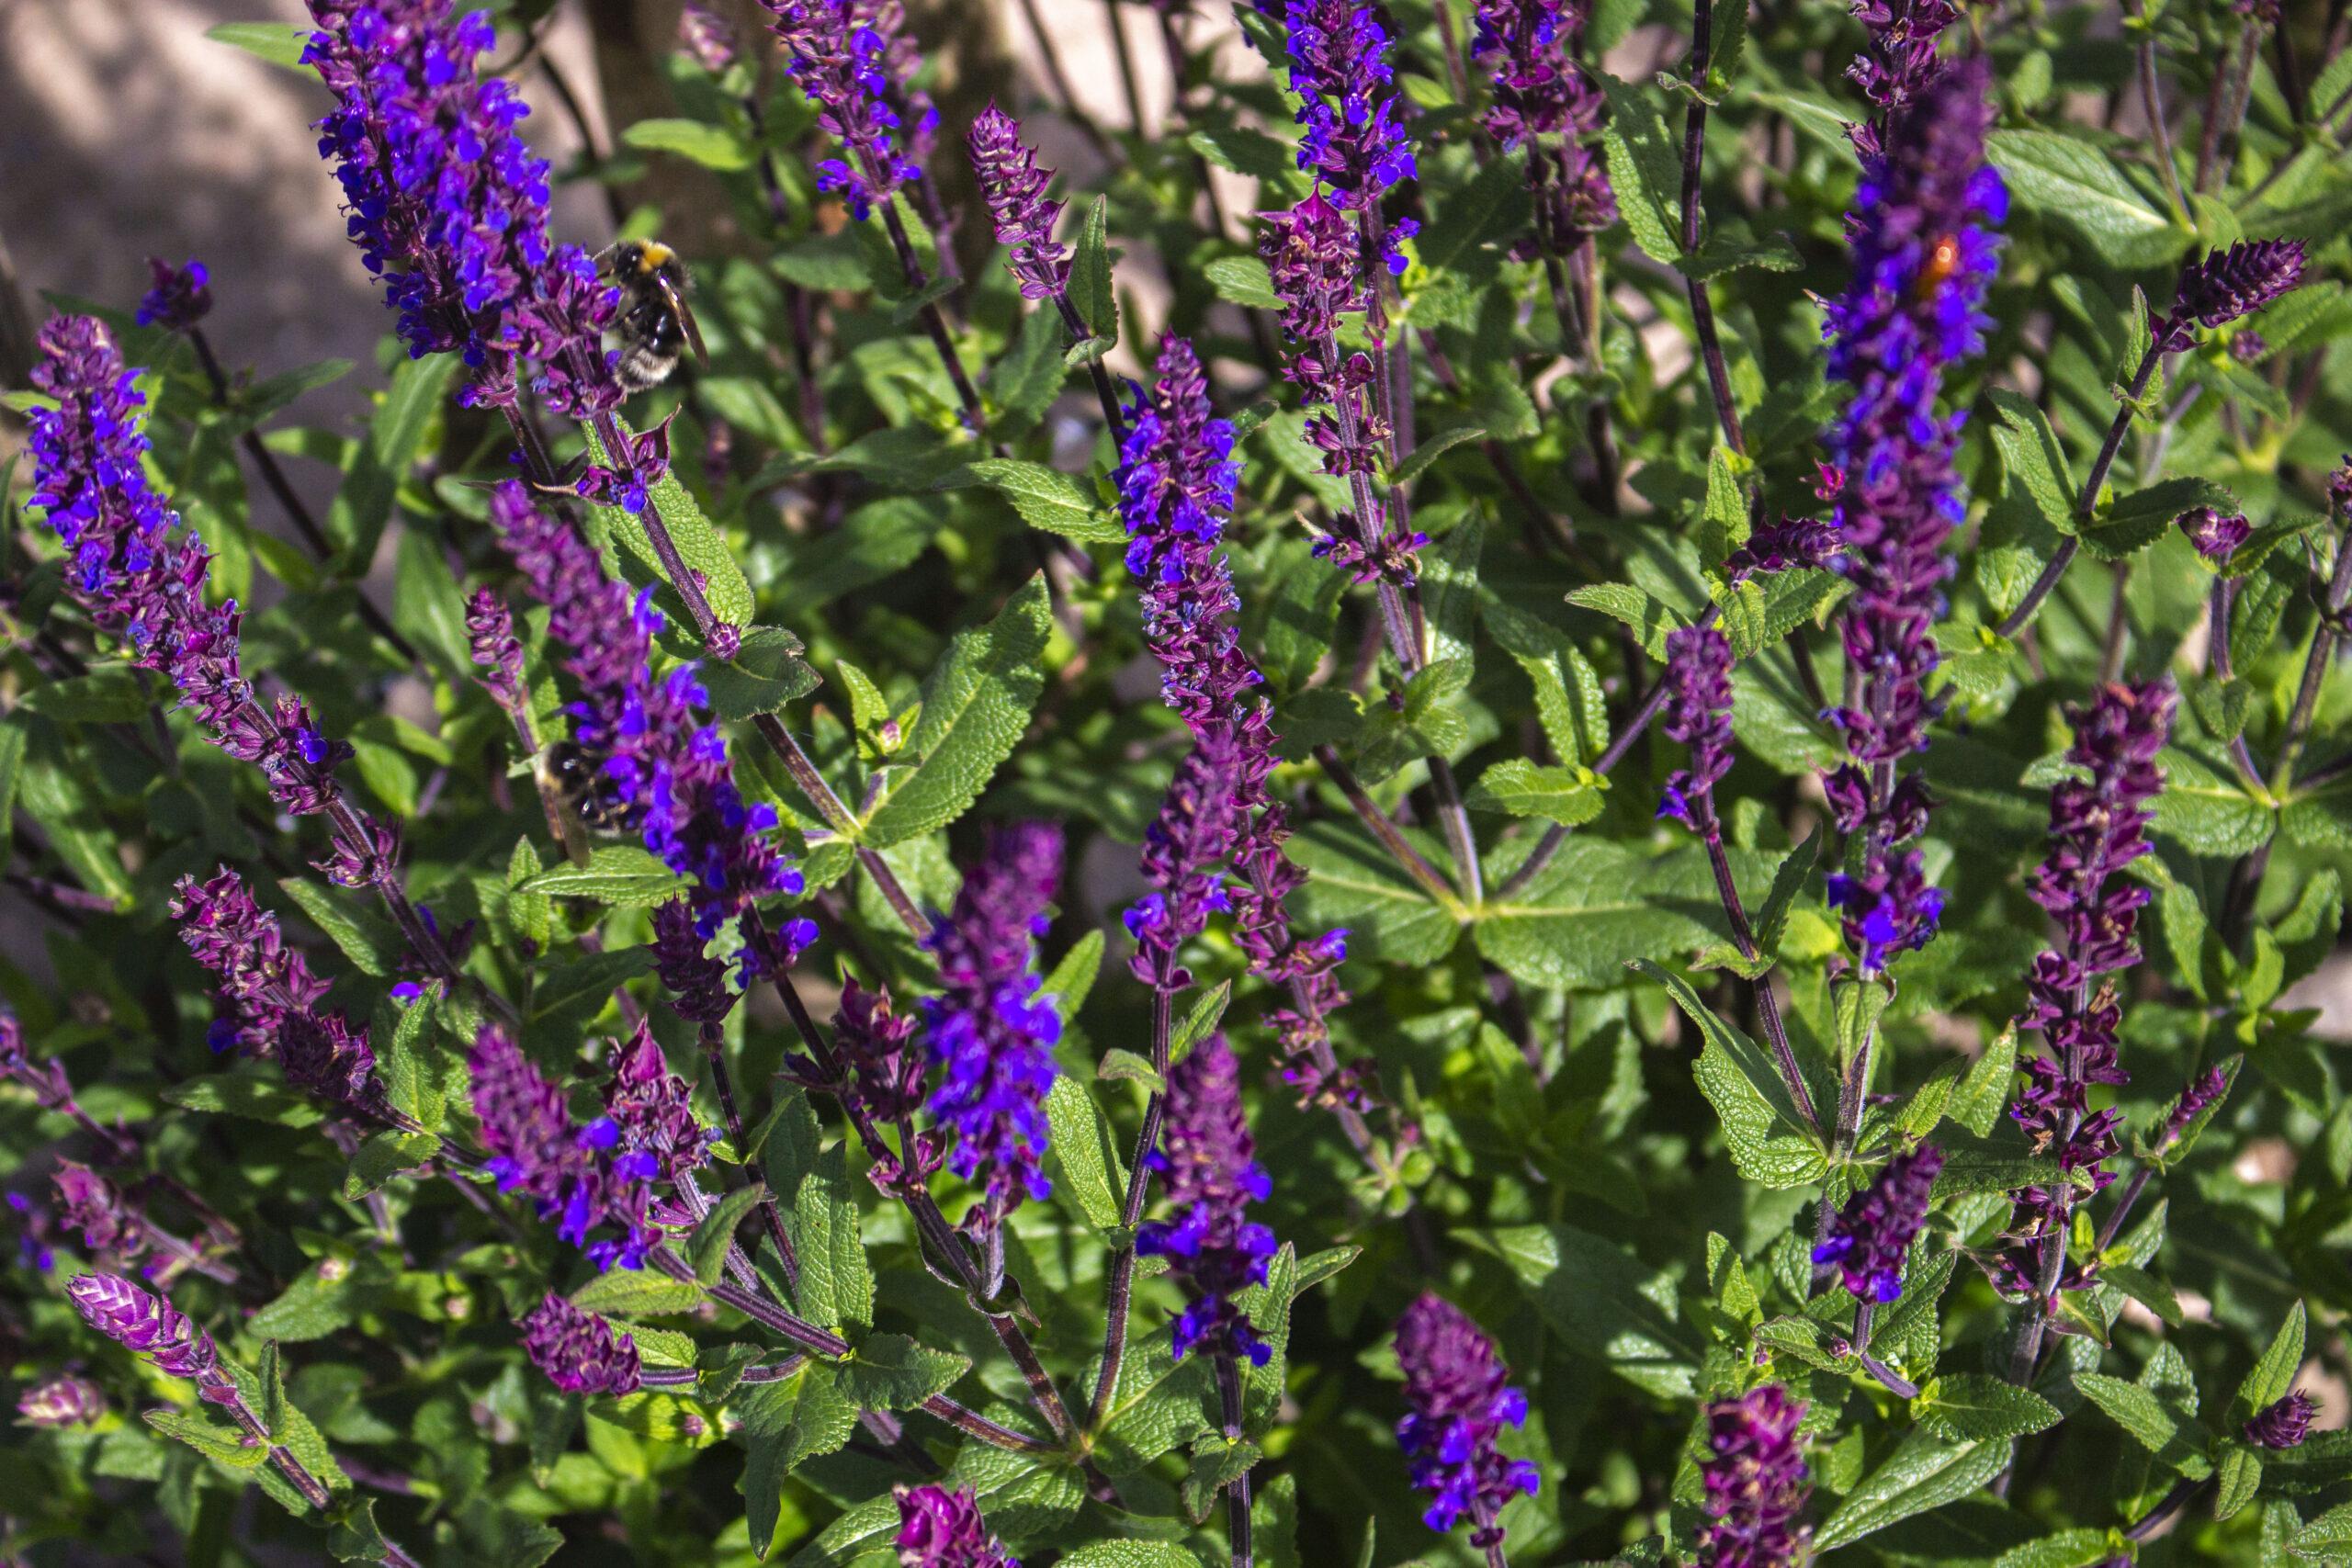 Rosa blå & hvid staudesalvie